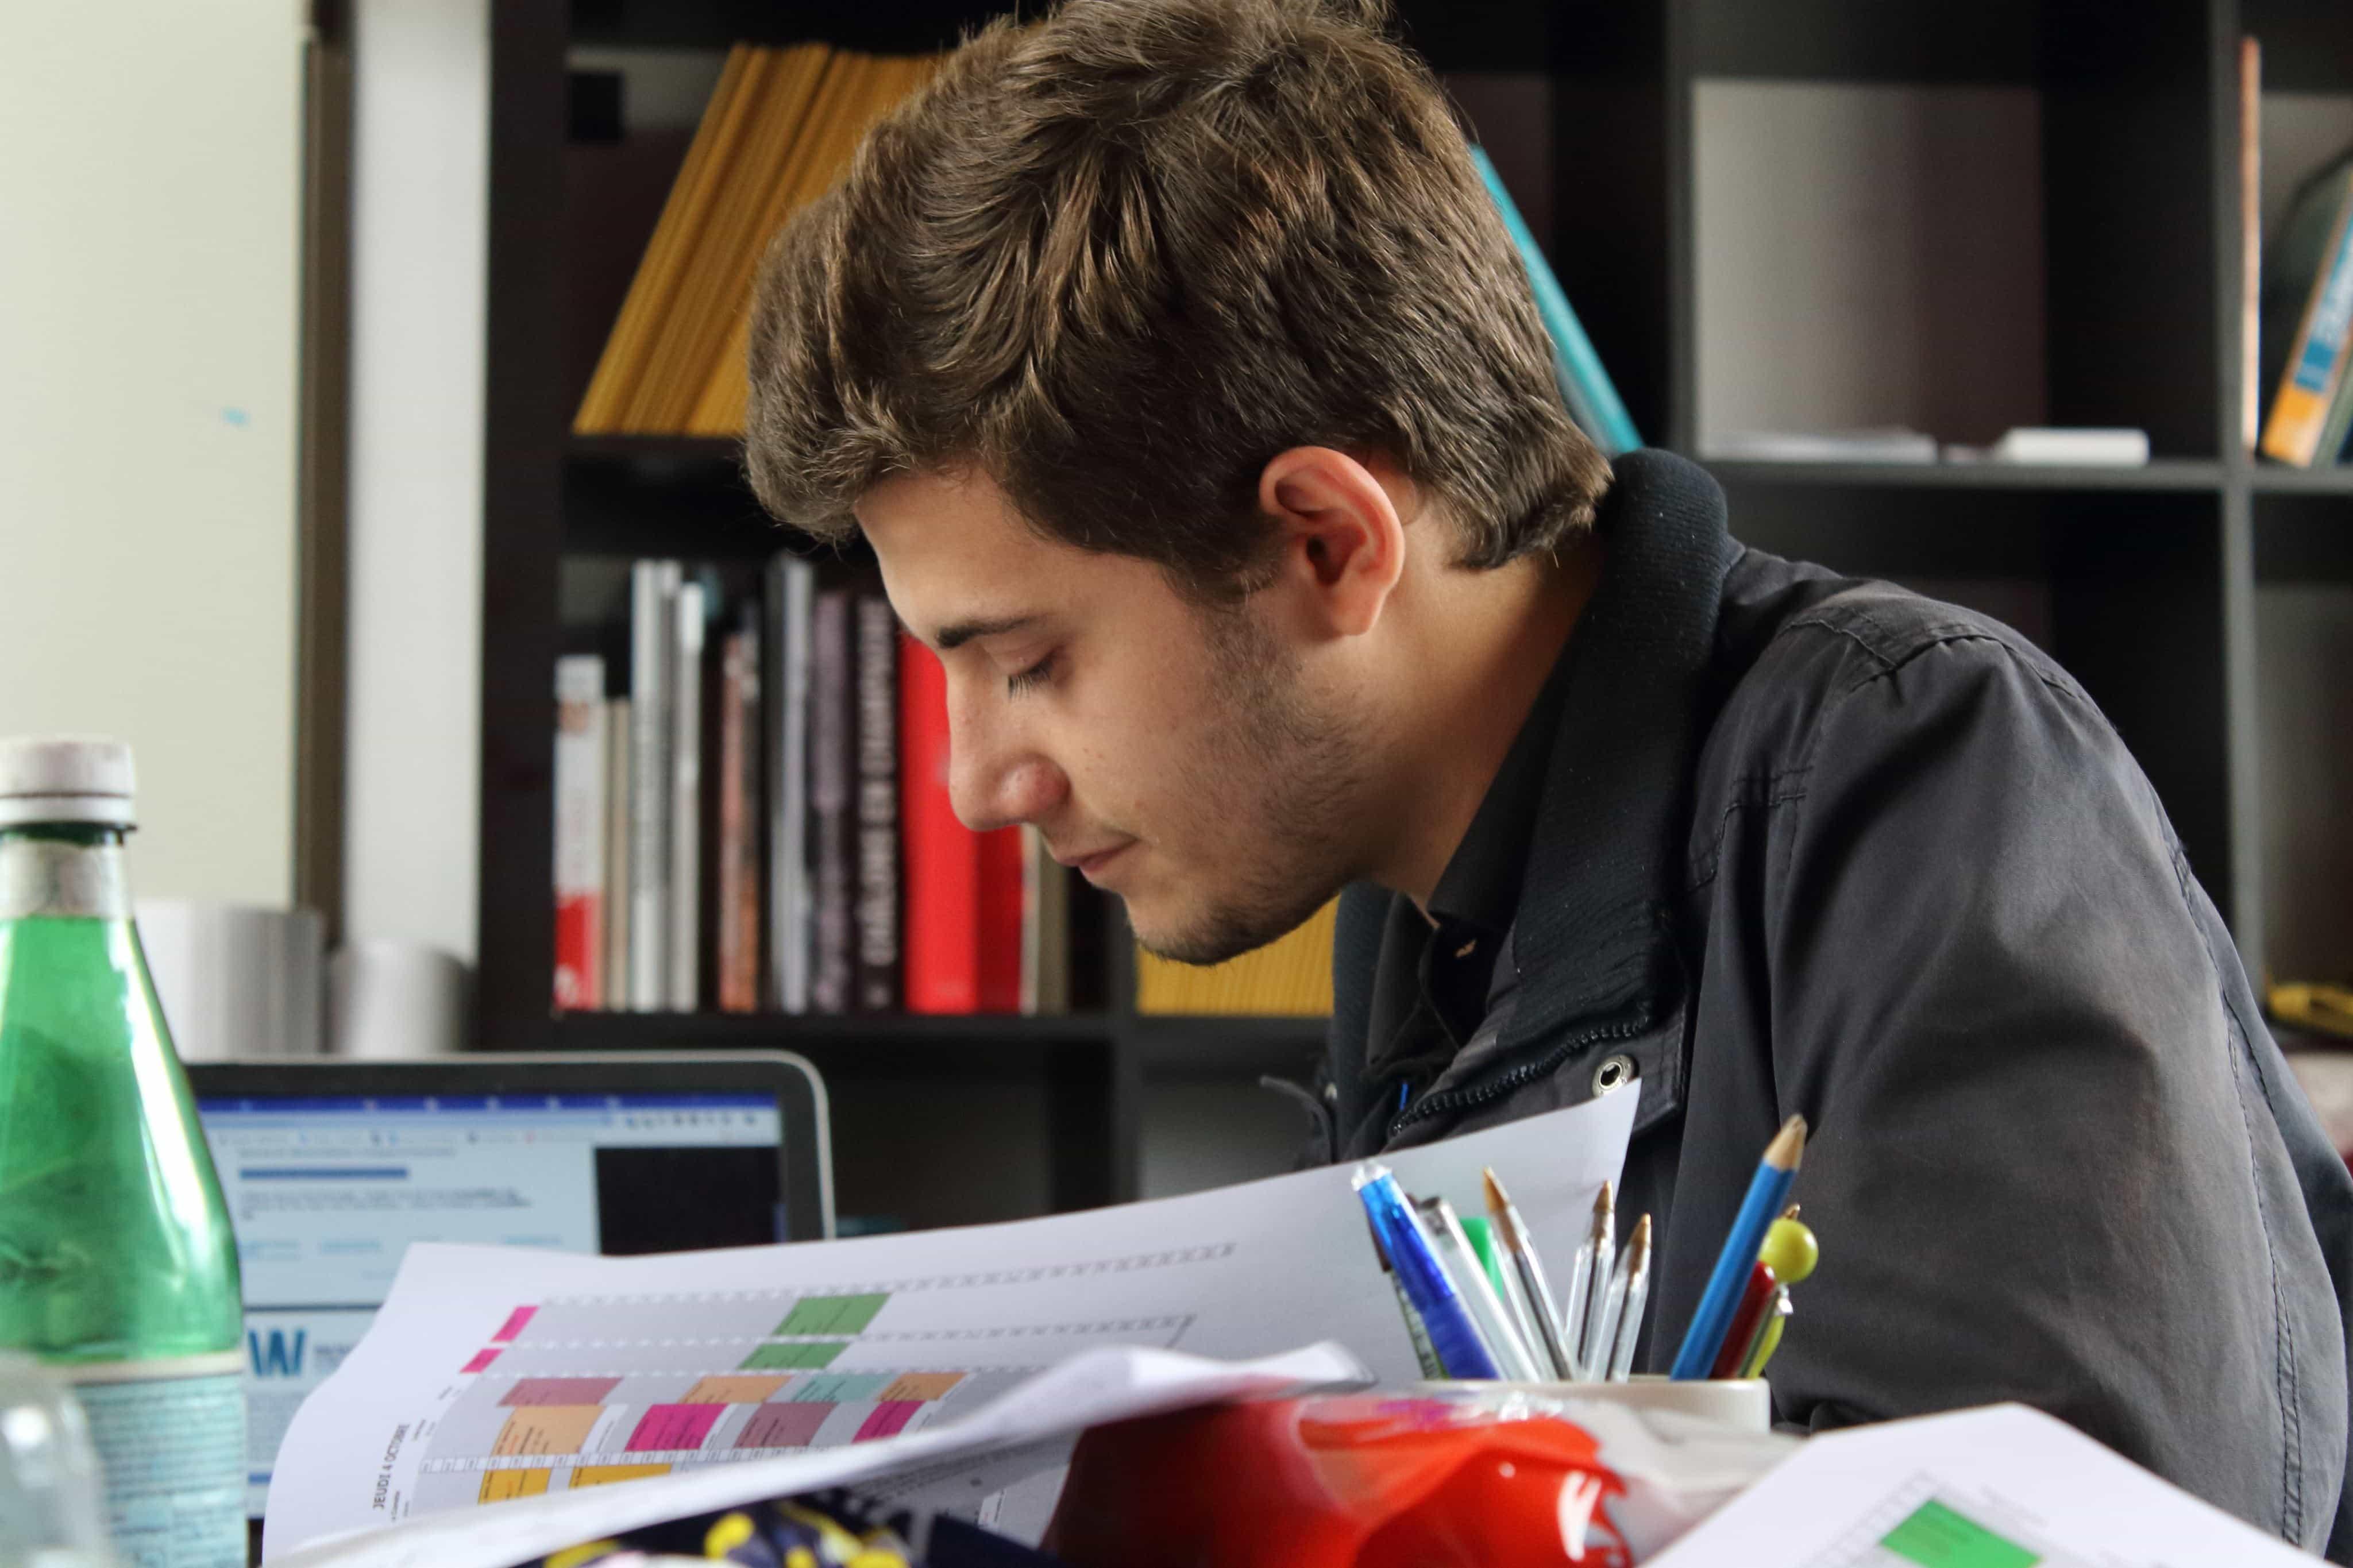 Détrompez-vous : les ordinateurs n'améliorent pas votre travail scolaire